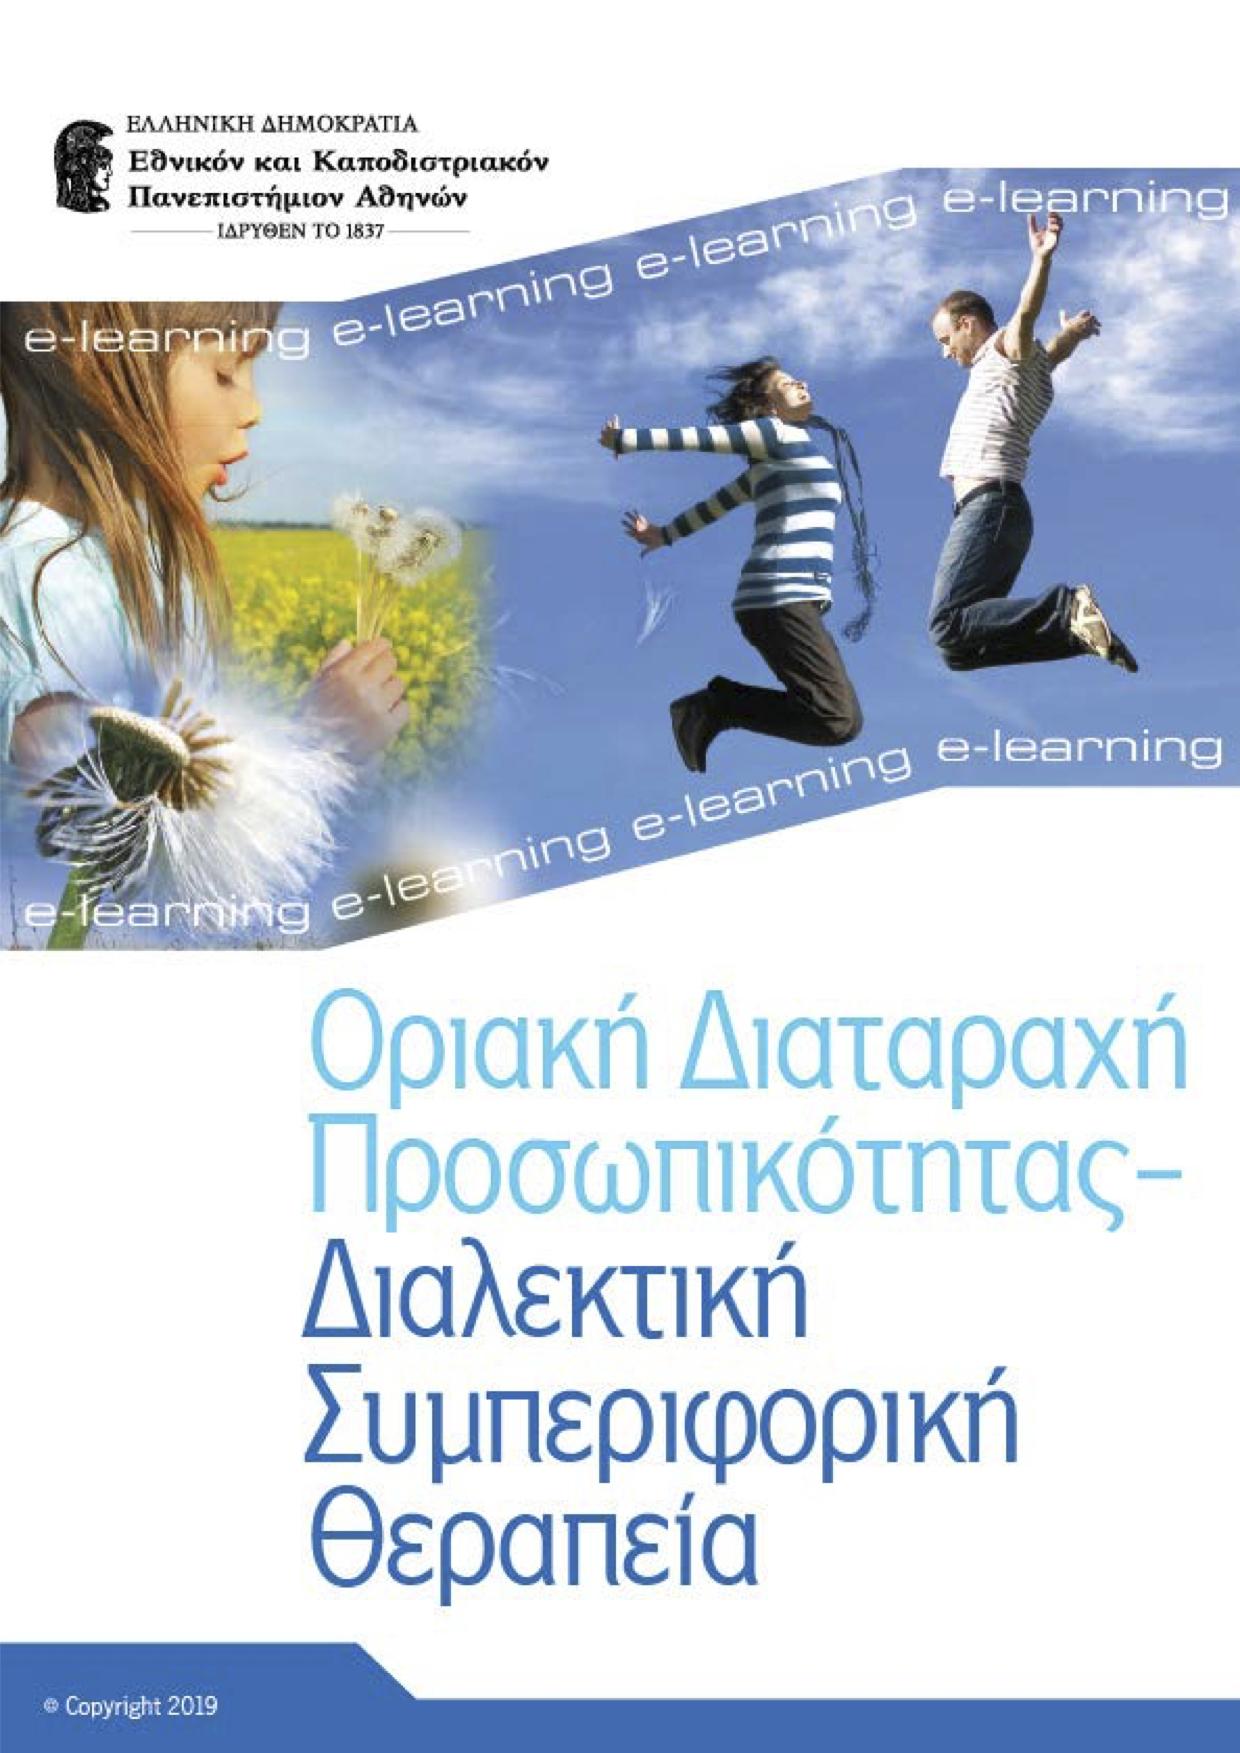 Πρόγραμμα e-learning από το ΚΕΚ του ΕΚΠΑ. - Για περισσότερες πληροφορίες: